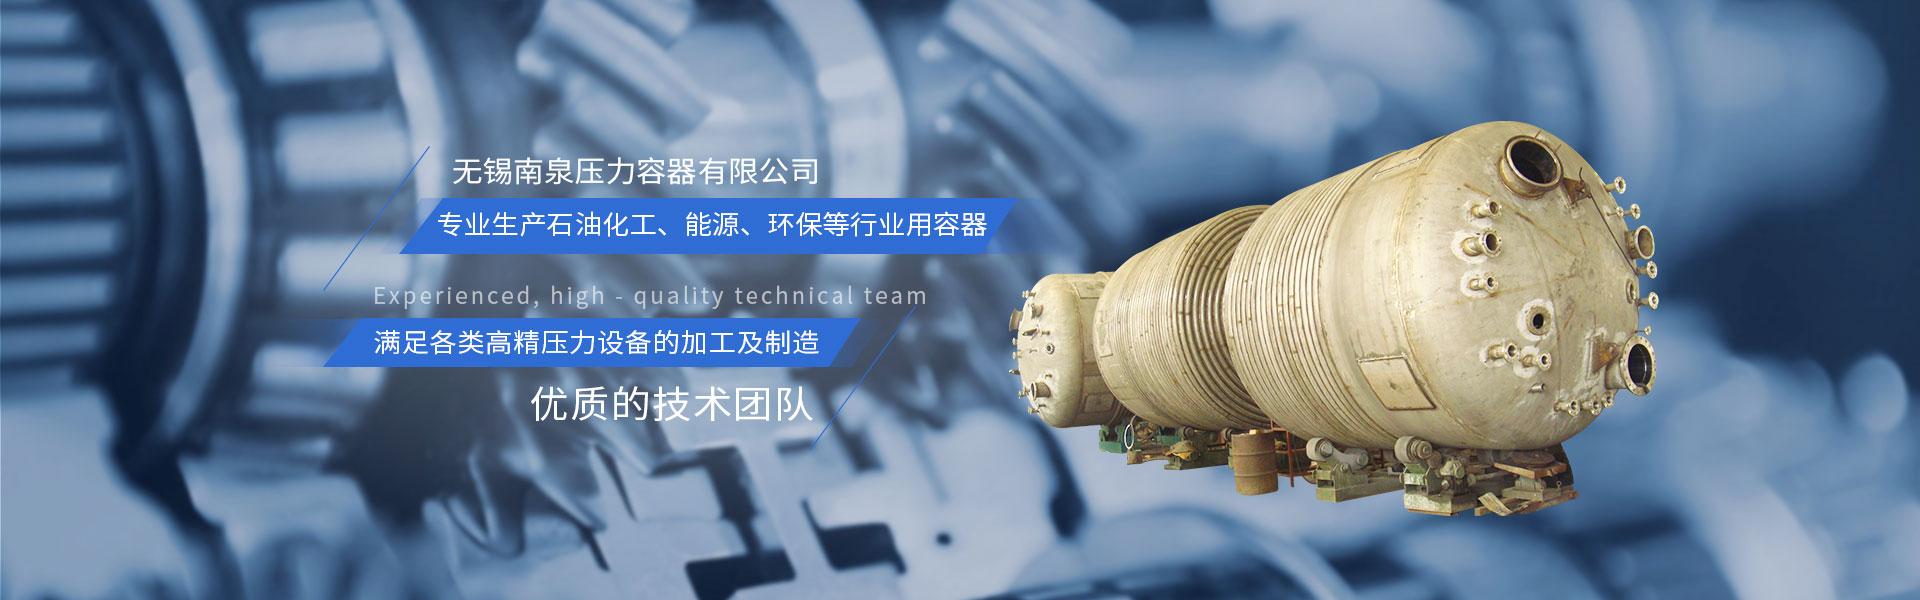 无锡南泉压力容器有限公司